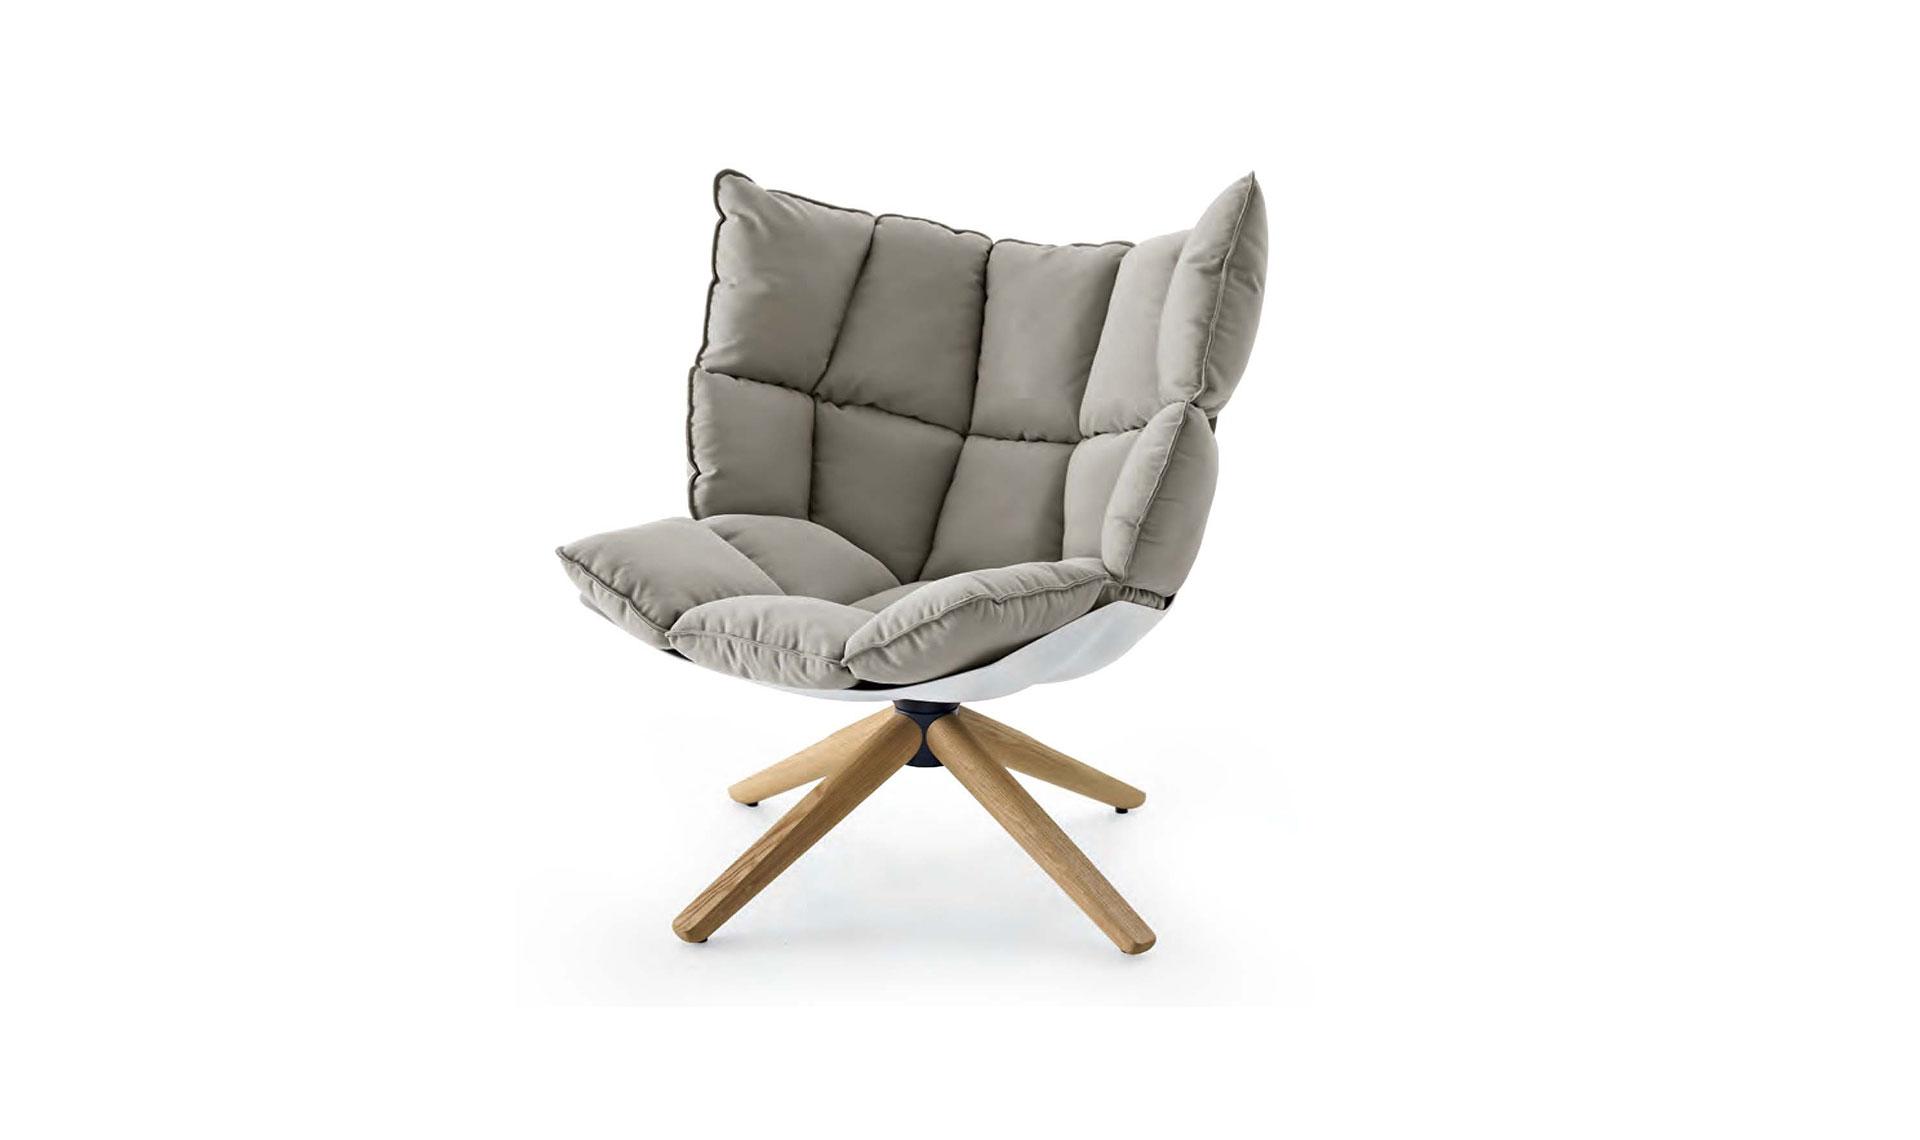 100 лет дизайна: кресло Husk Патрисии Уркиолы